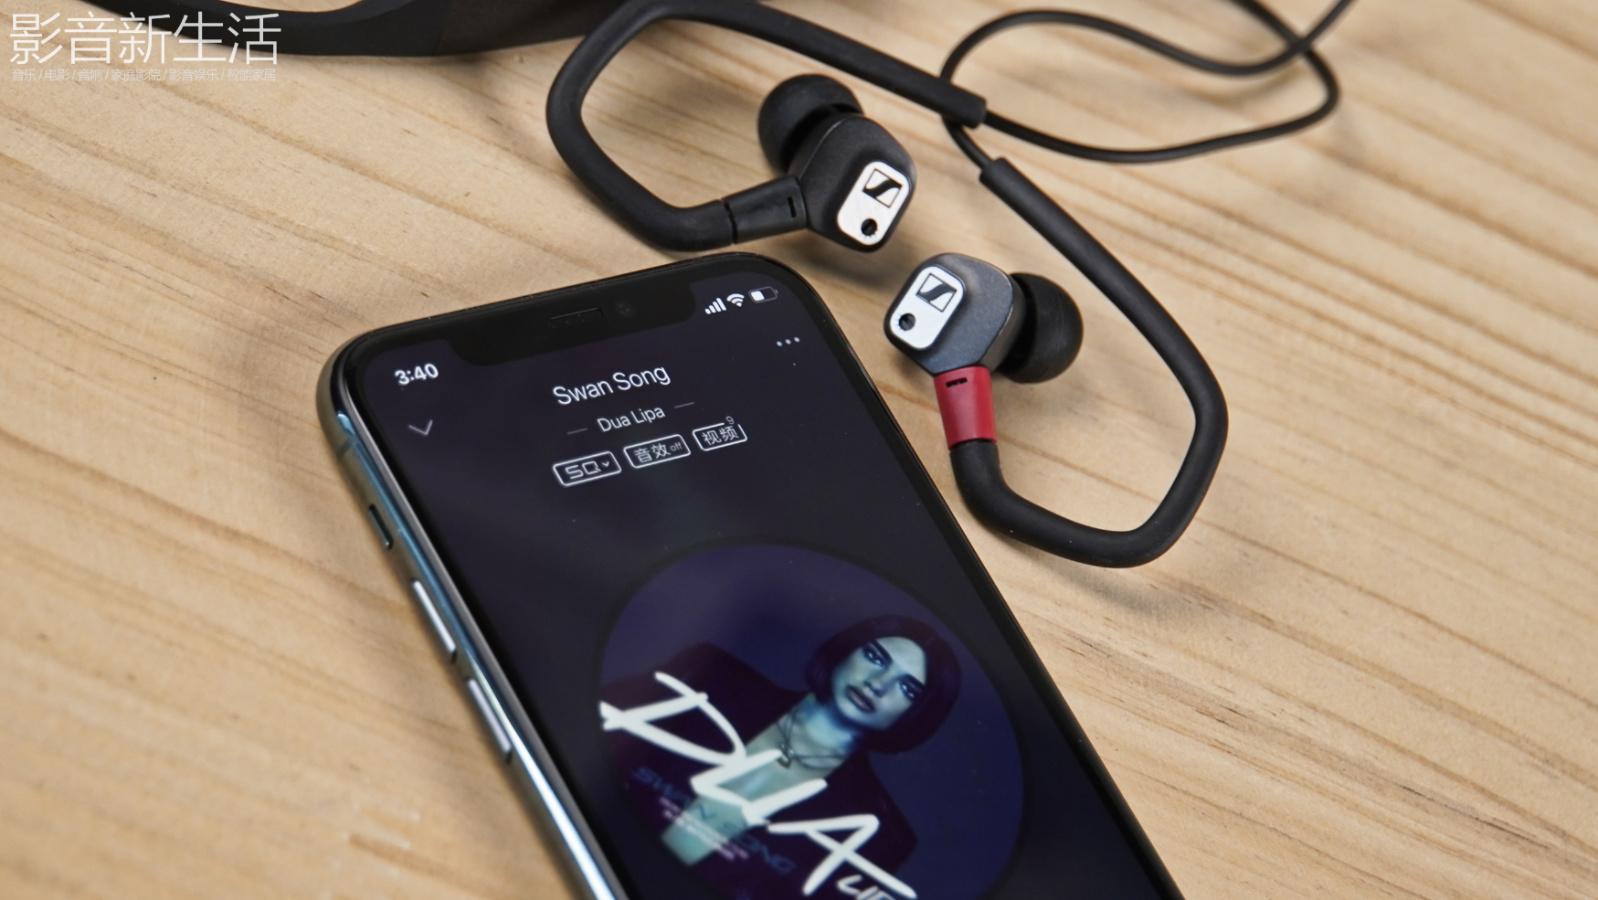 """推荐  """"来自德国精工的无线听音艺术""""Sennheiser森海塞尔 IE 80S BT颈戴式入耳蓝牙耳机"""